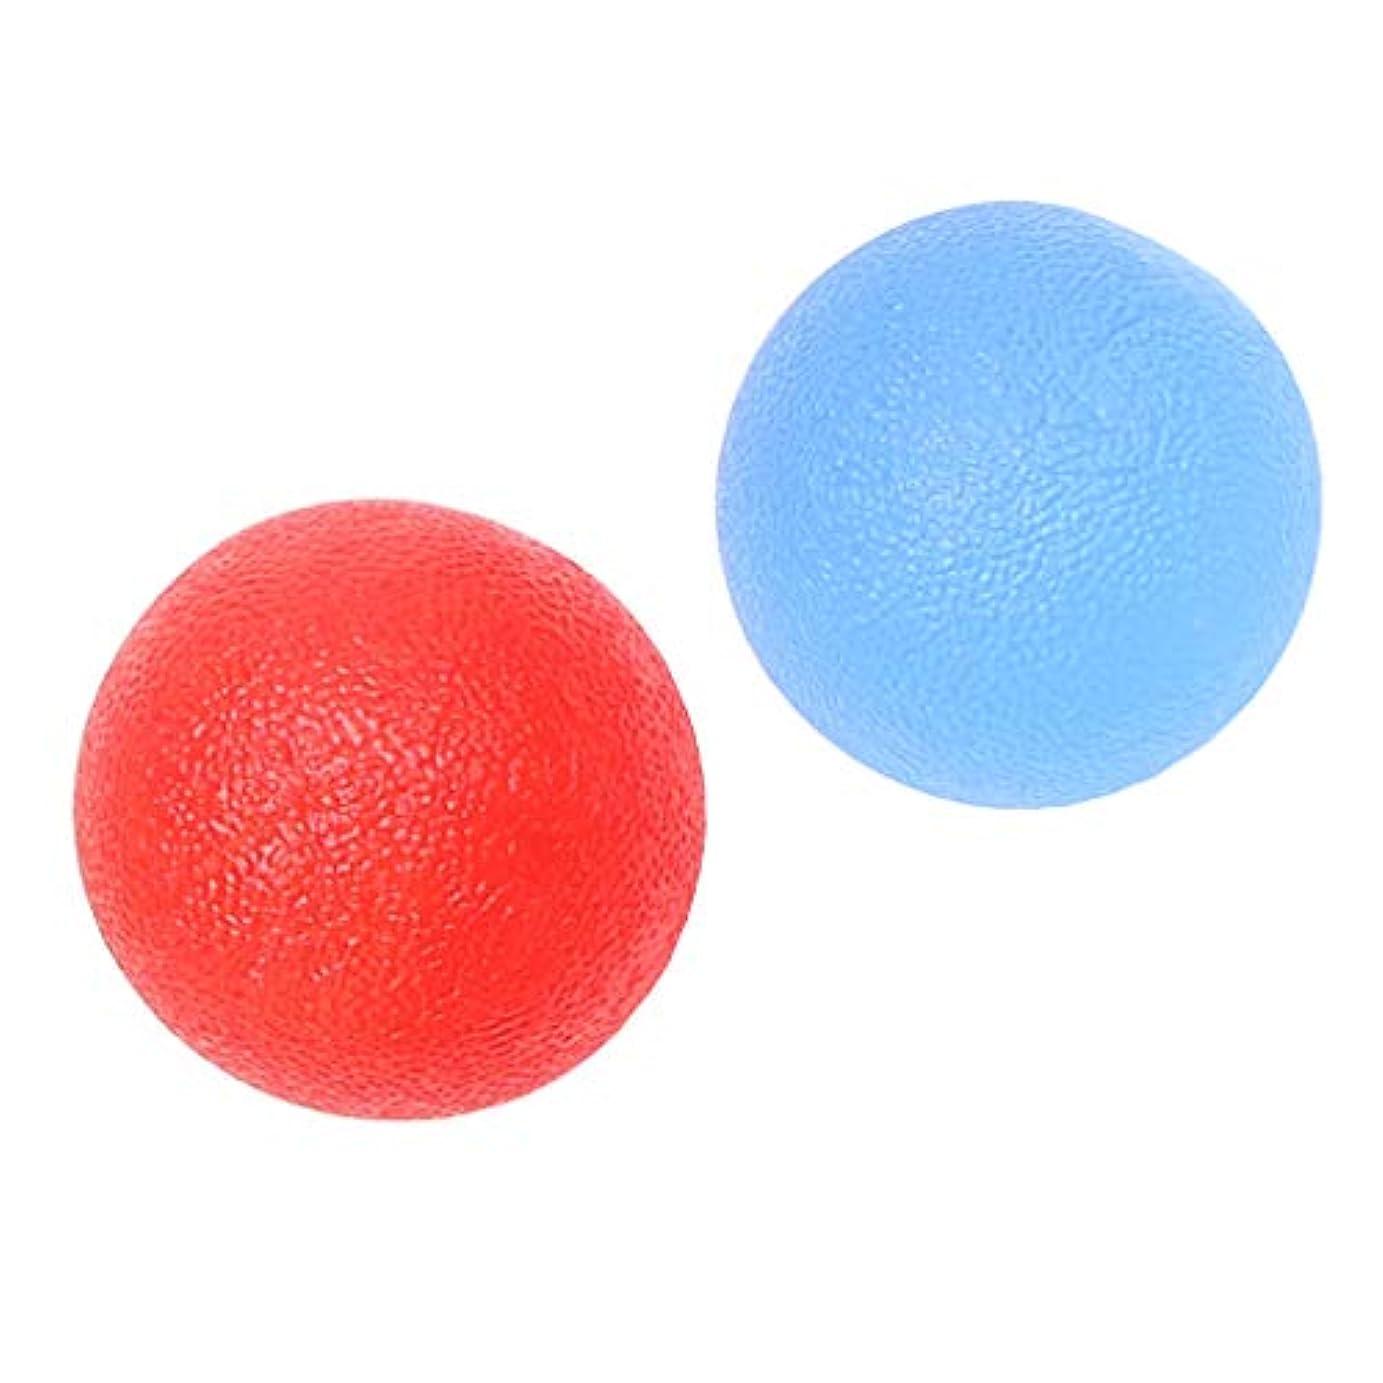 祖母デコレーション広告するハンドエクササイズボール ハンドグリップ シリコン 指トレーニング ストレス緩和 贈り物 2個入